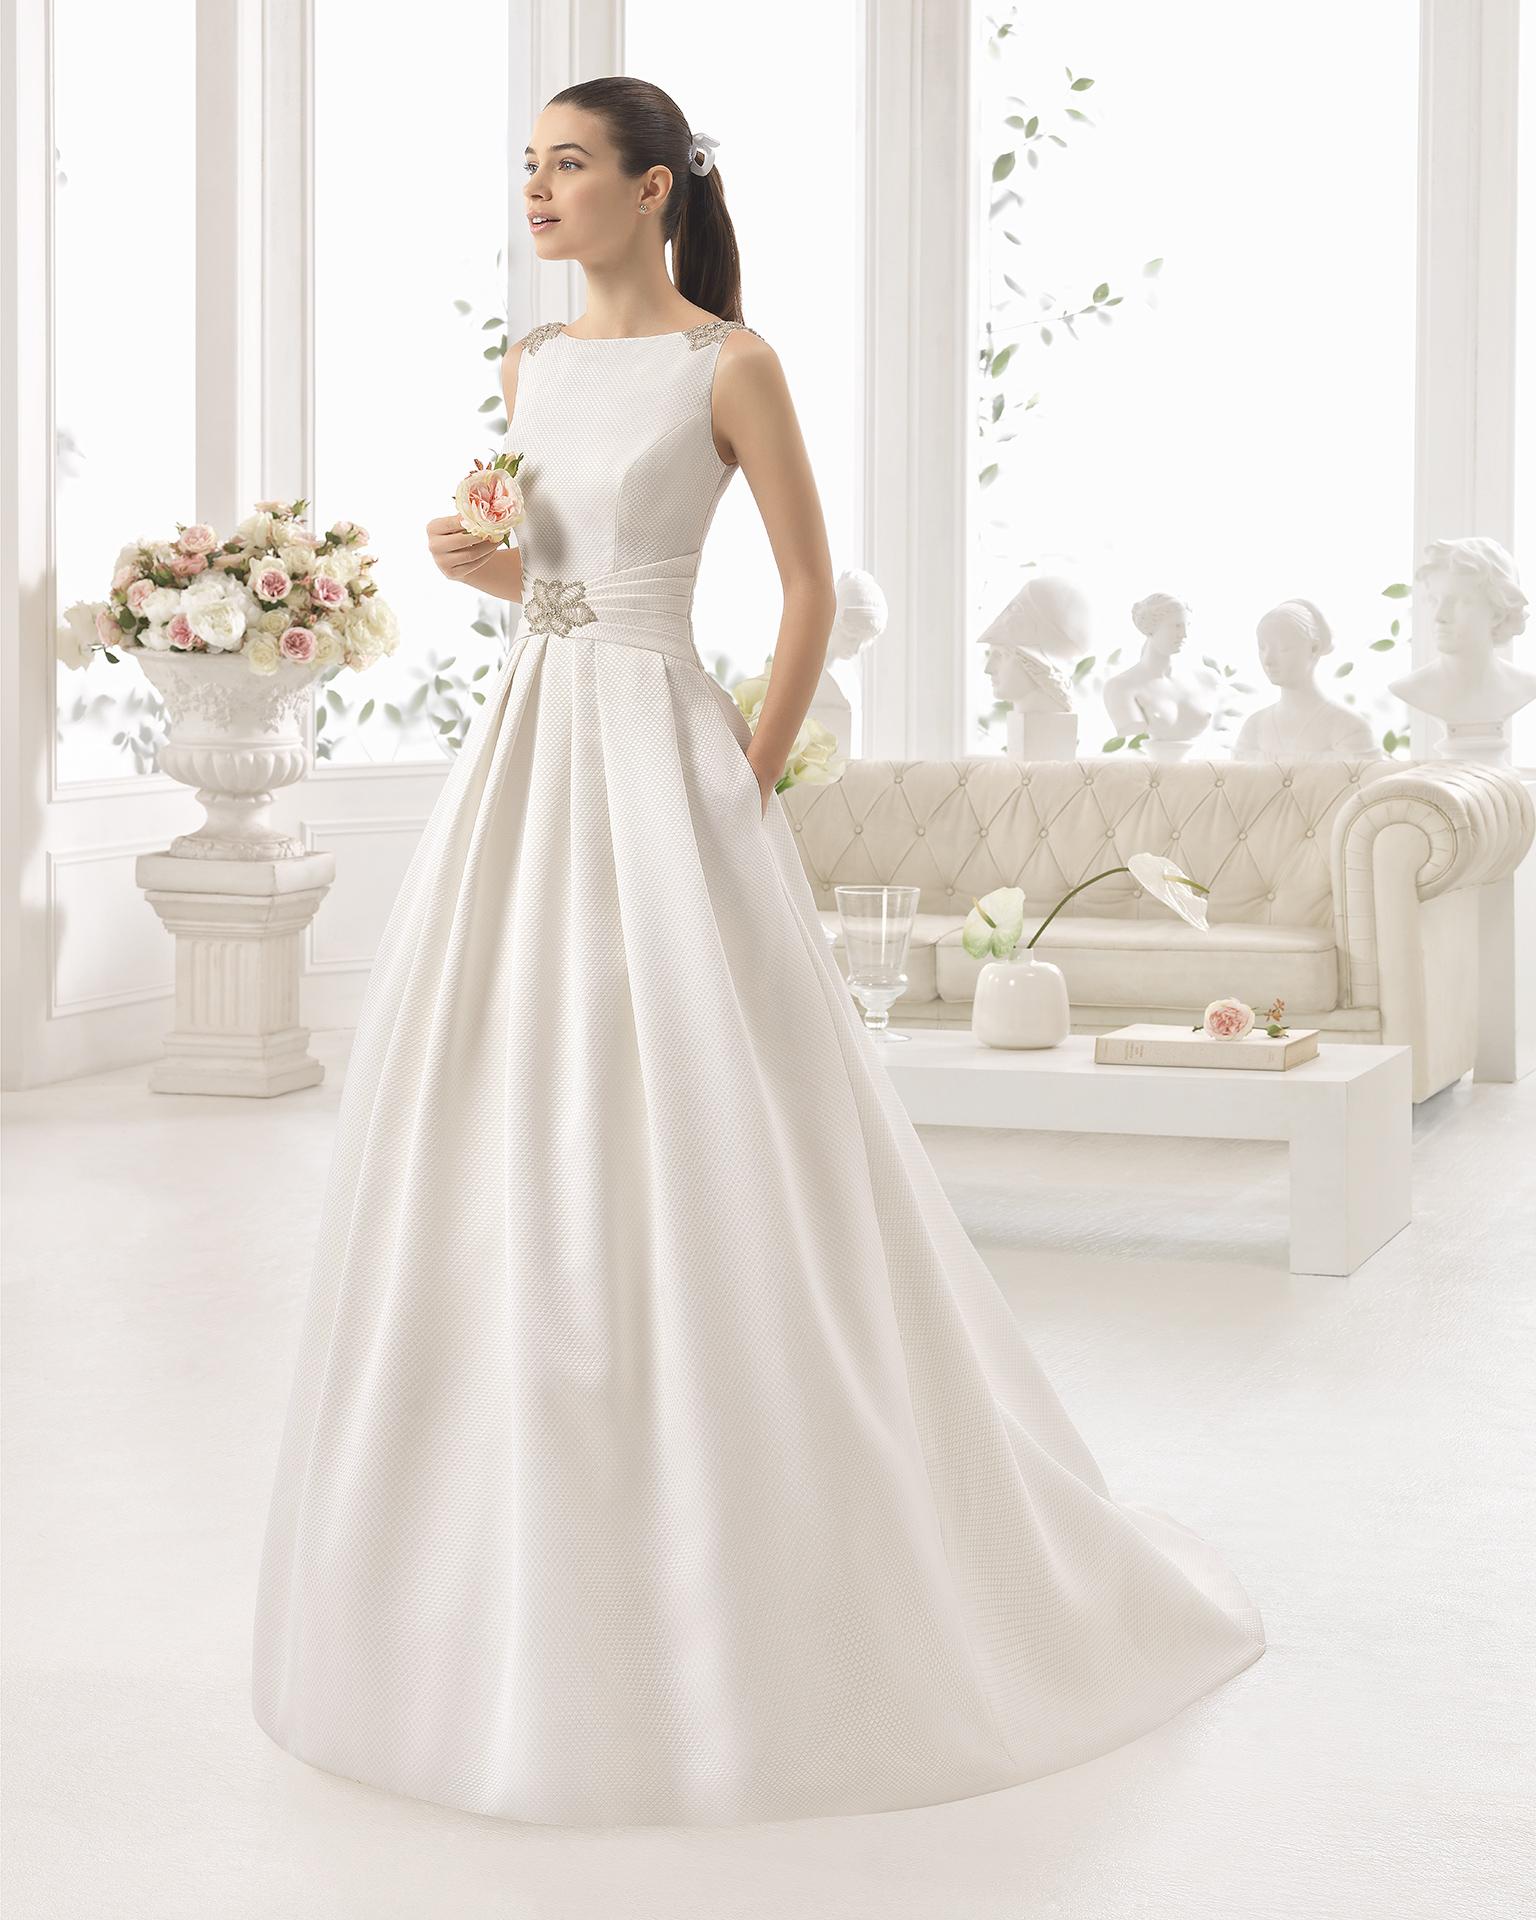 Модное платье для венчания без рукавов